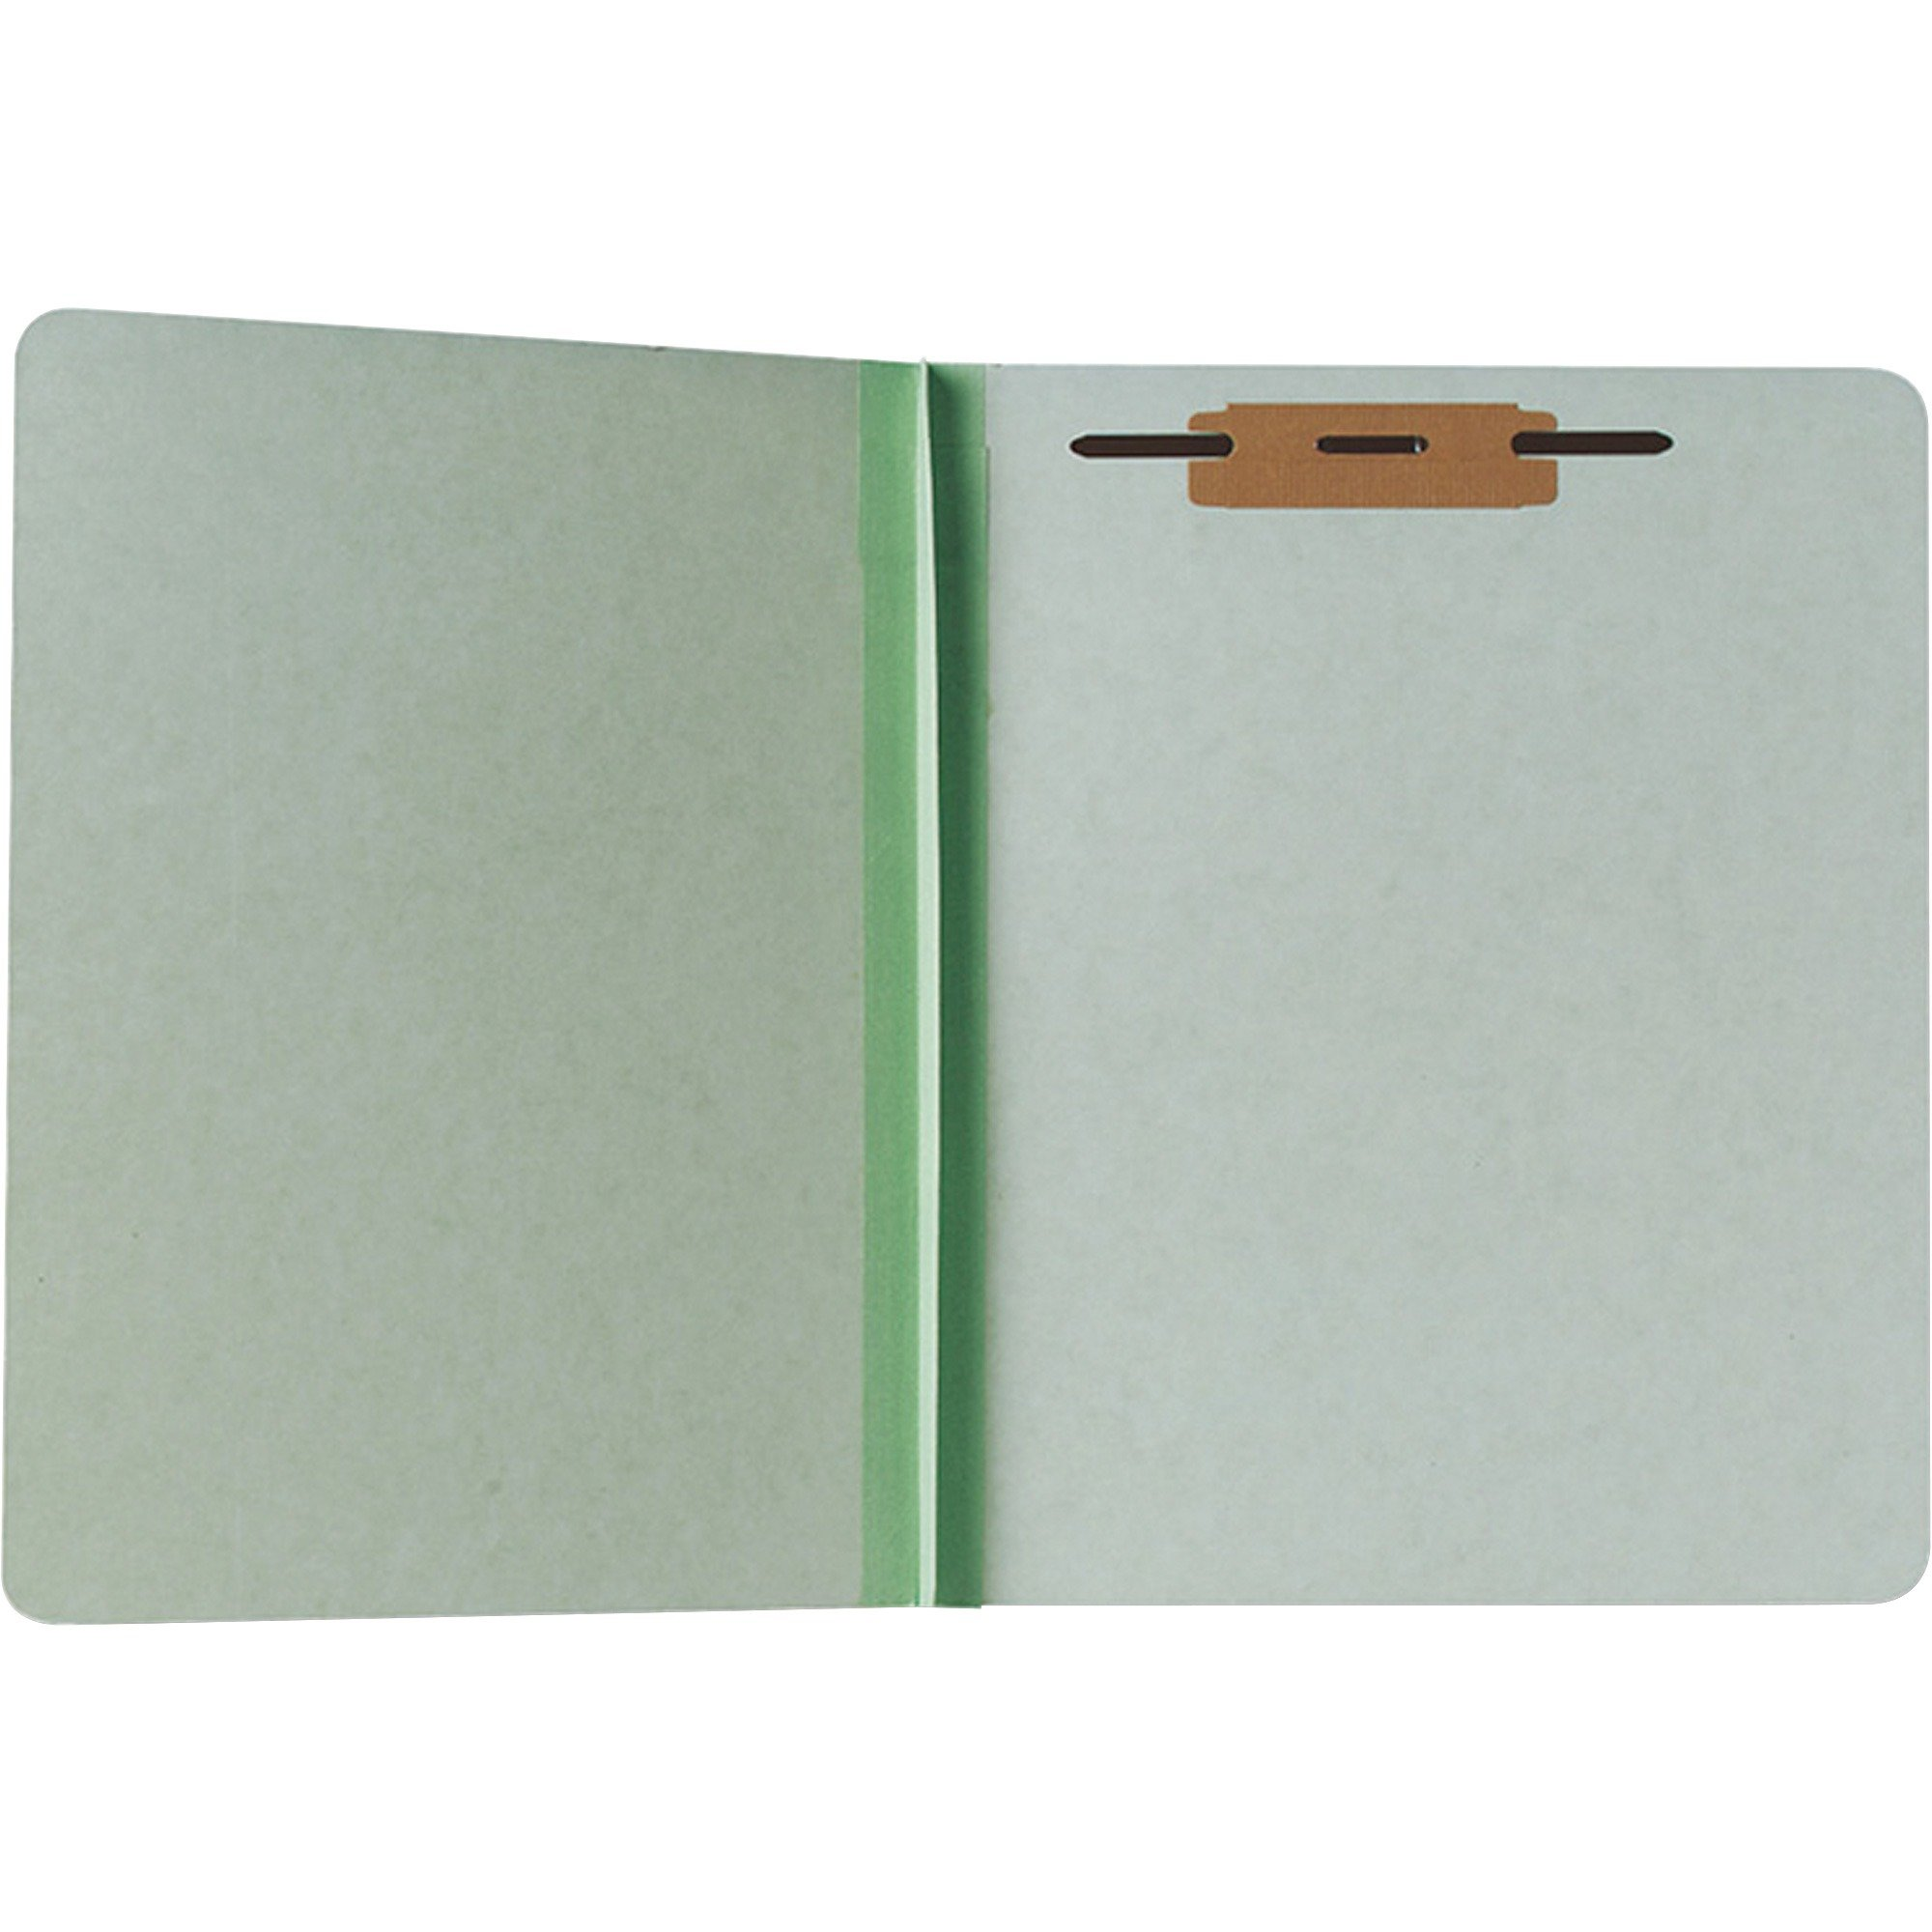 NSN9268981 Folder,1-1/2'' Fastener(No Compressor),Letter-Size,100/BX,GN